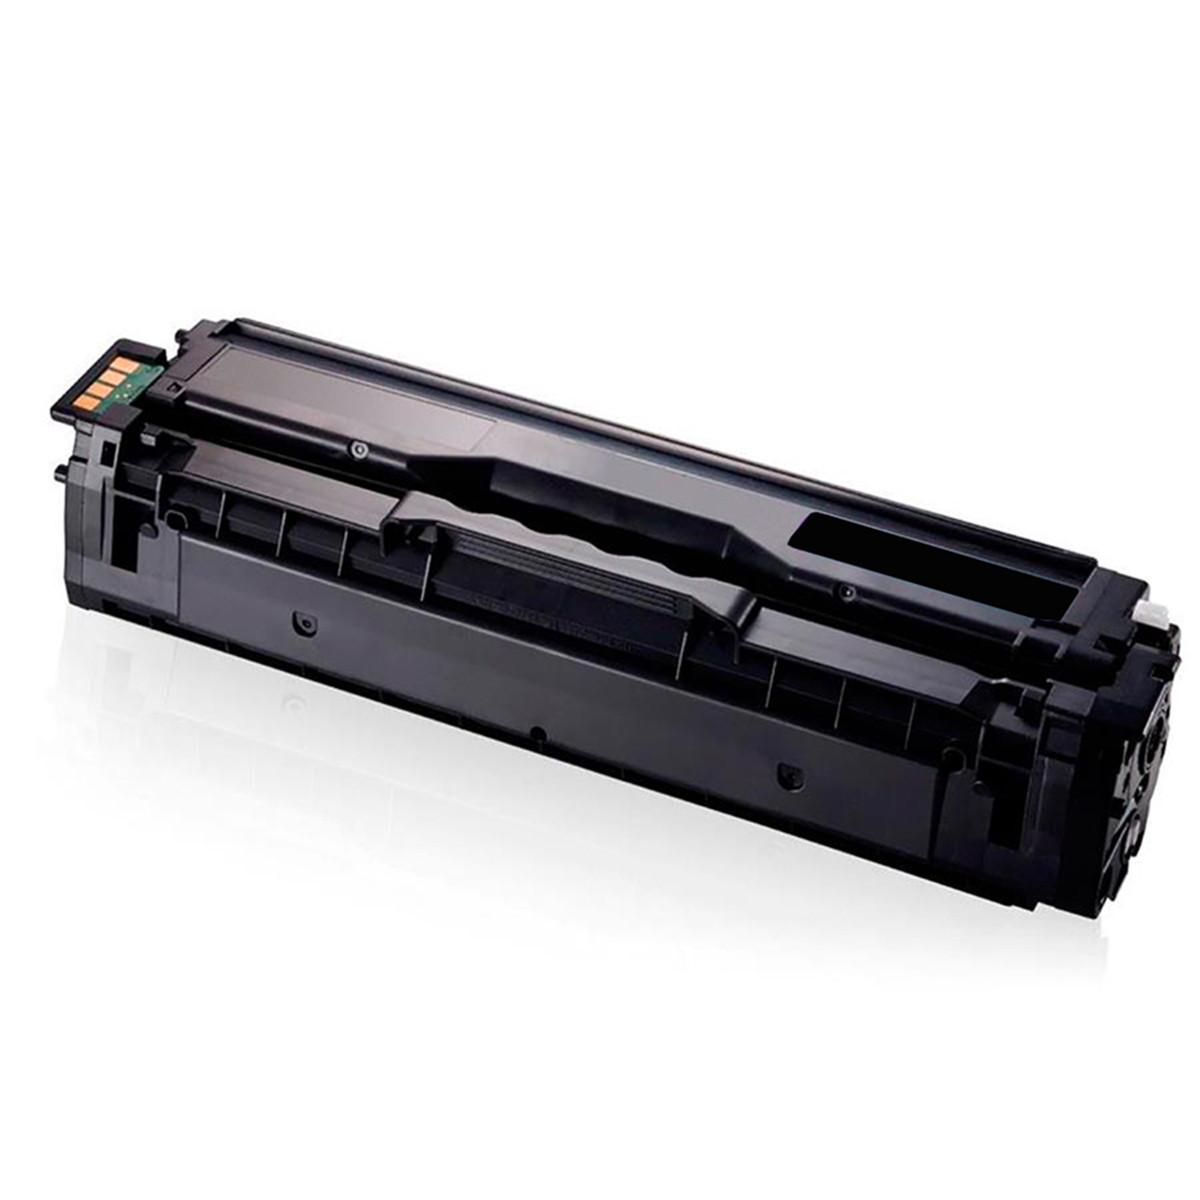 Toner Compatível com Samsung CLT-K504S 504S Preto | CLP415NW CLX4195FN SL-C1810W | Importado 2.5k